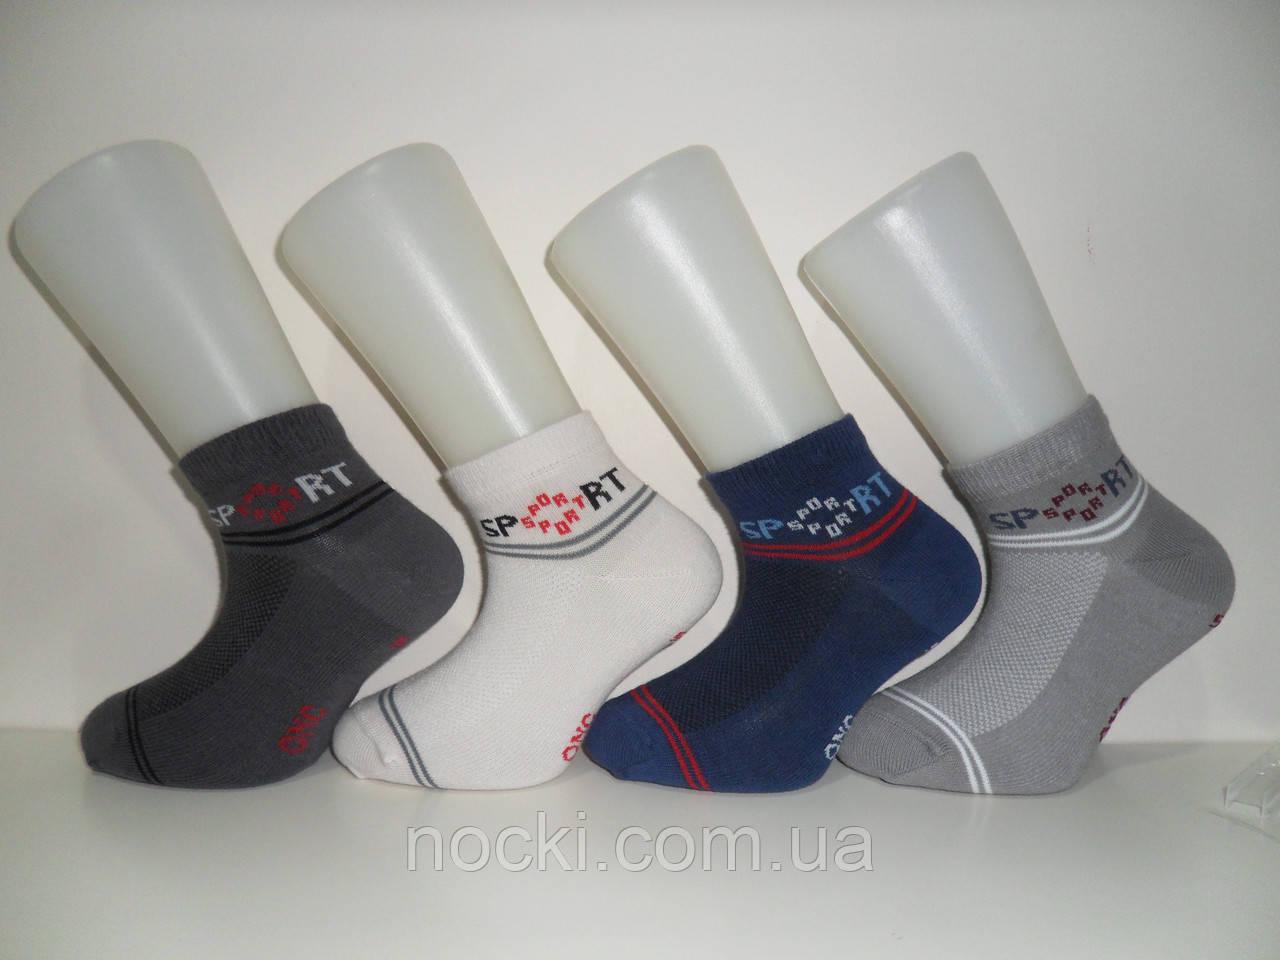 Дитячі шкарпетки стрейчеві комп'ютерні у сіточку Onurcan б/р 13 0121